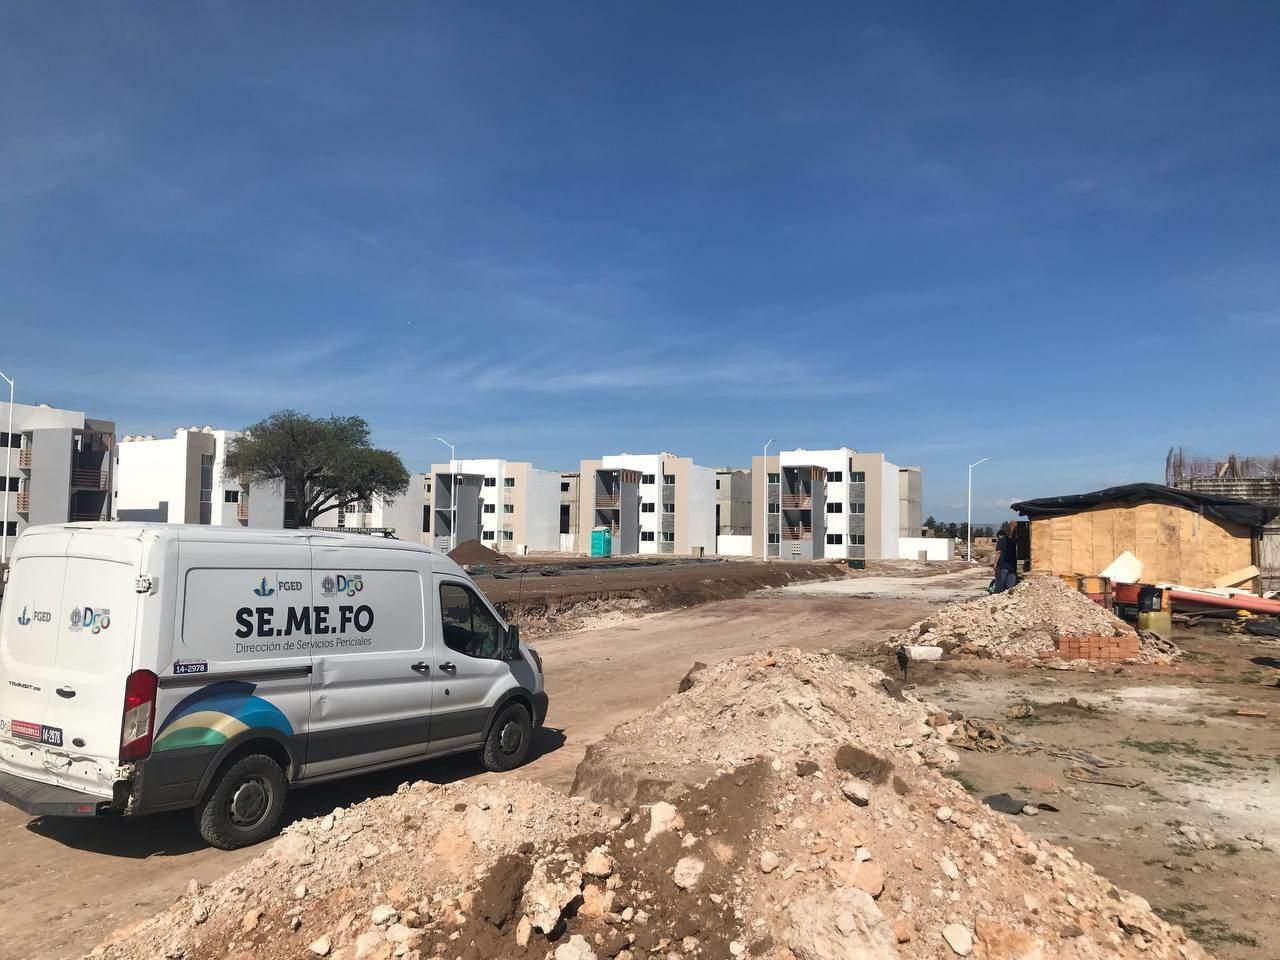 Asesinan a velador de obra en construcción en Villas del Manantial